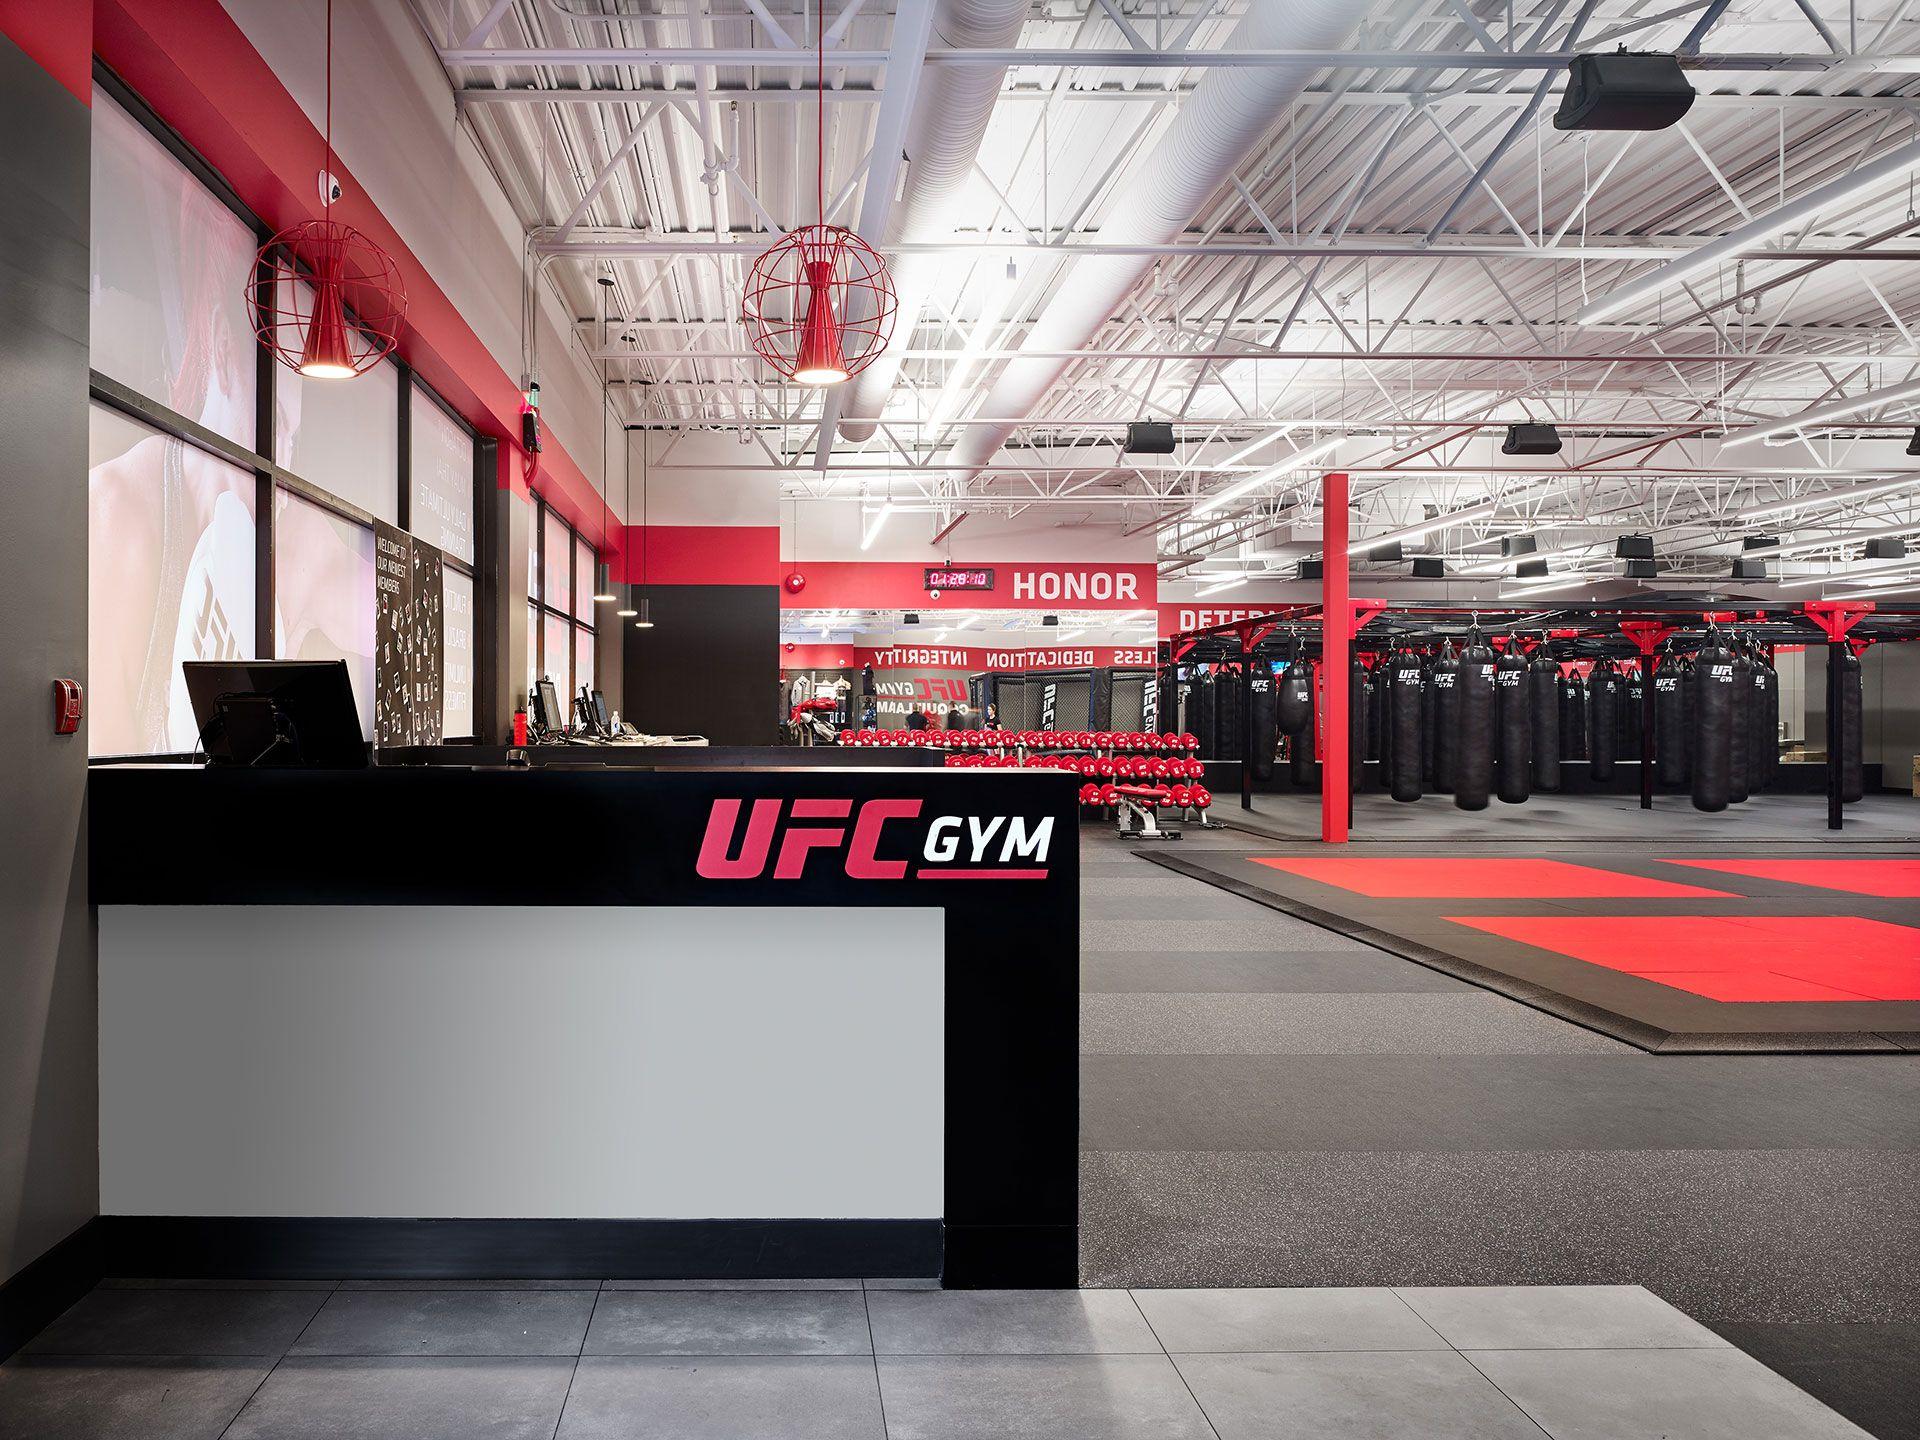 Ufc Gym Coquitlam Interior Gym Interior Gym Architecture Gym